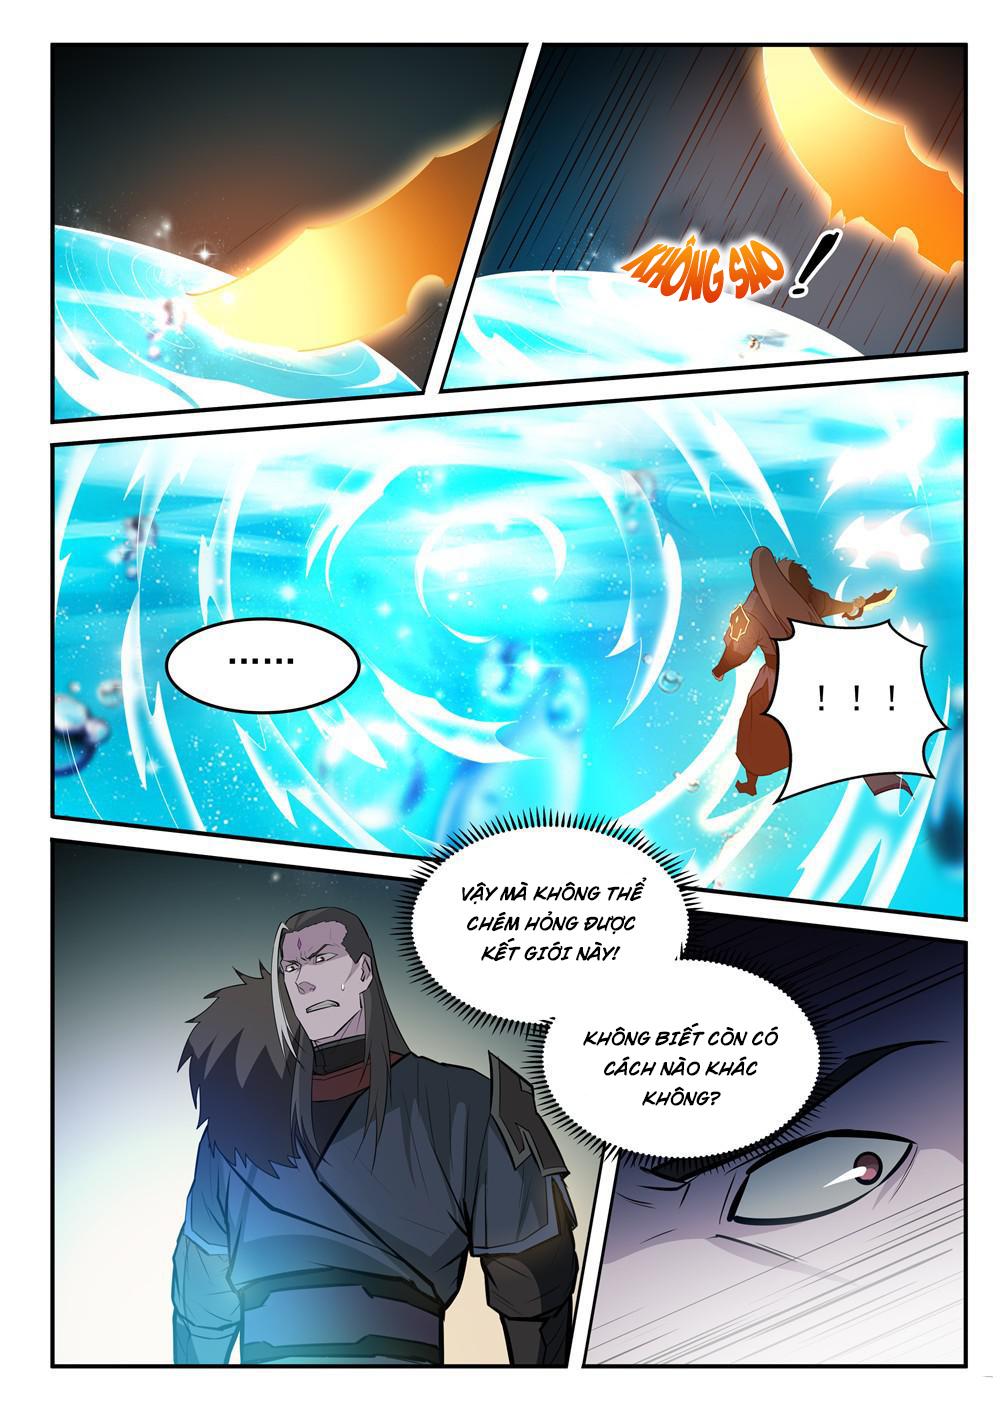 Bách Luyện Thành Thần Chapter 199 - Hamtruyen.vn